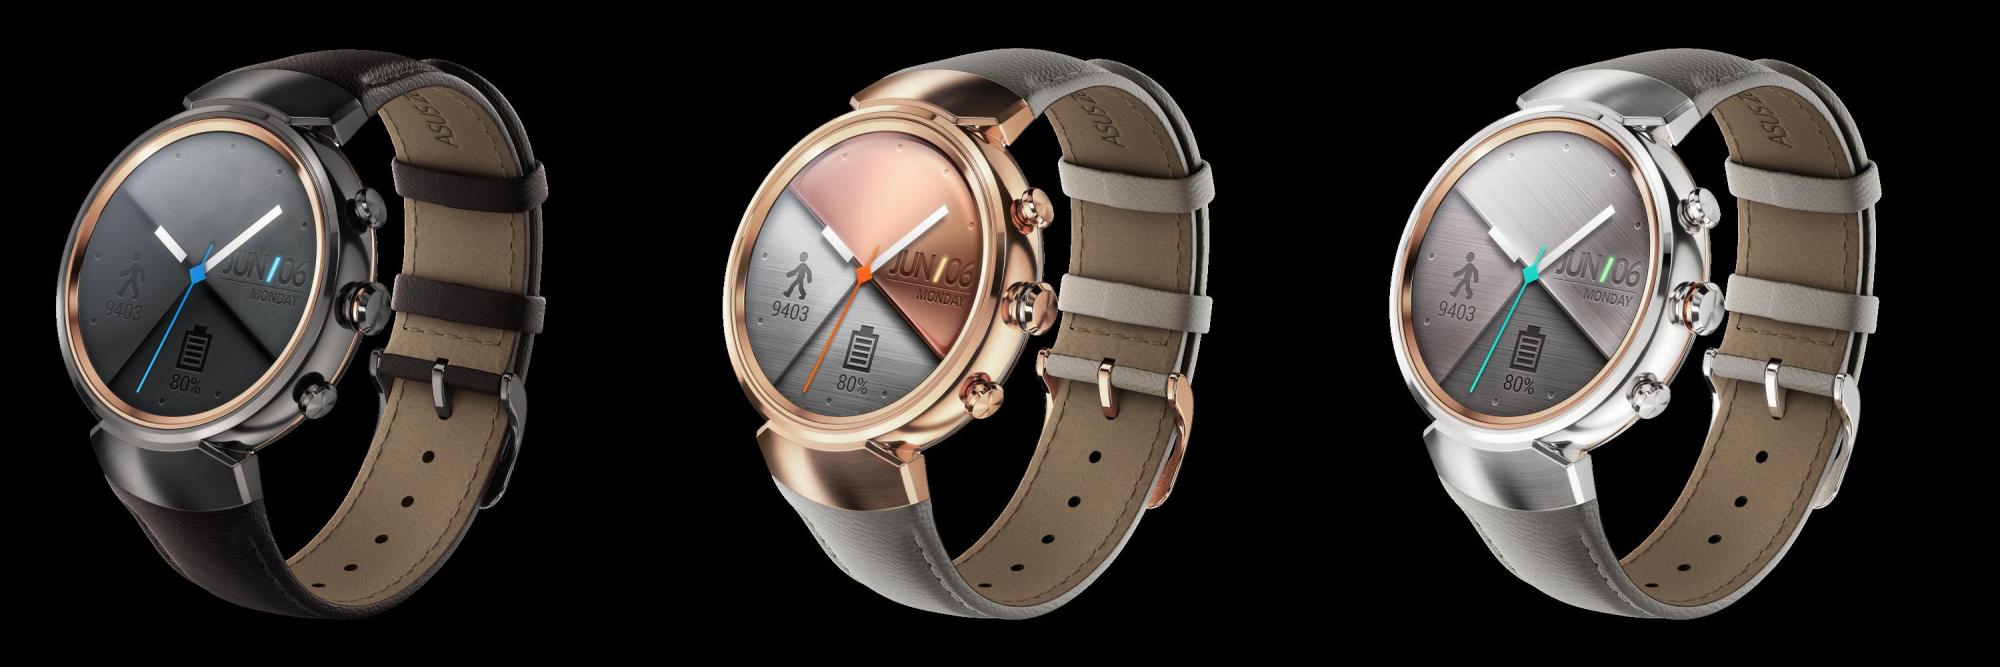 IFA 2016: Asus presenta ZenWatch 3, elegante smartwatch con Android Wear